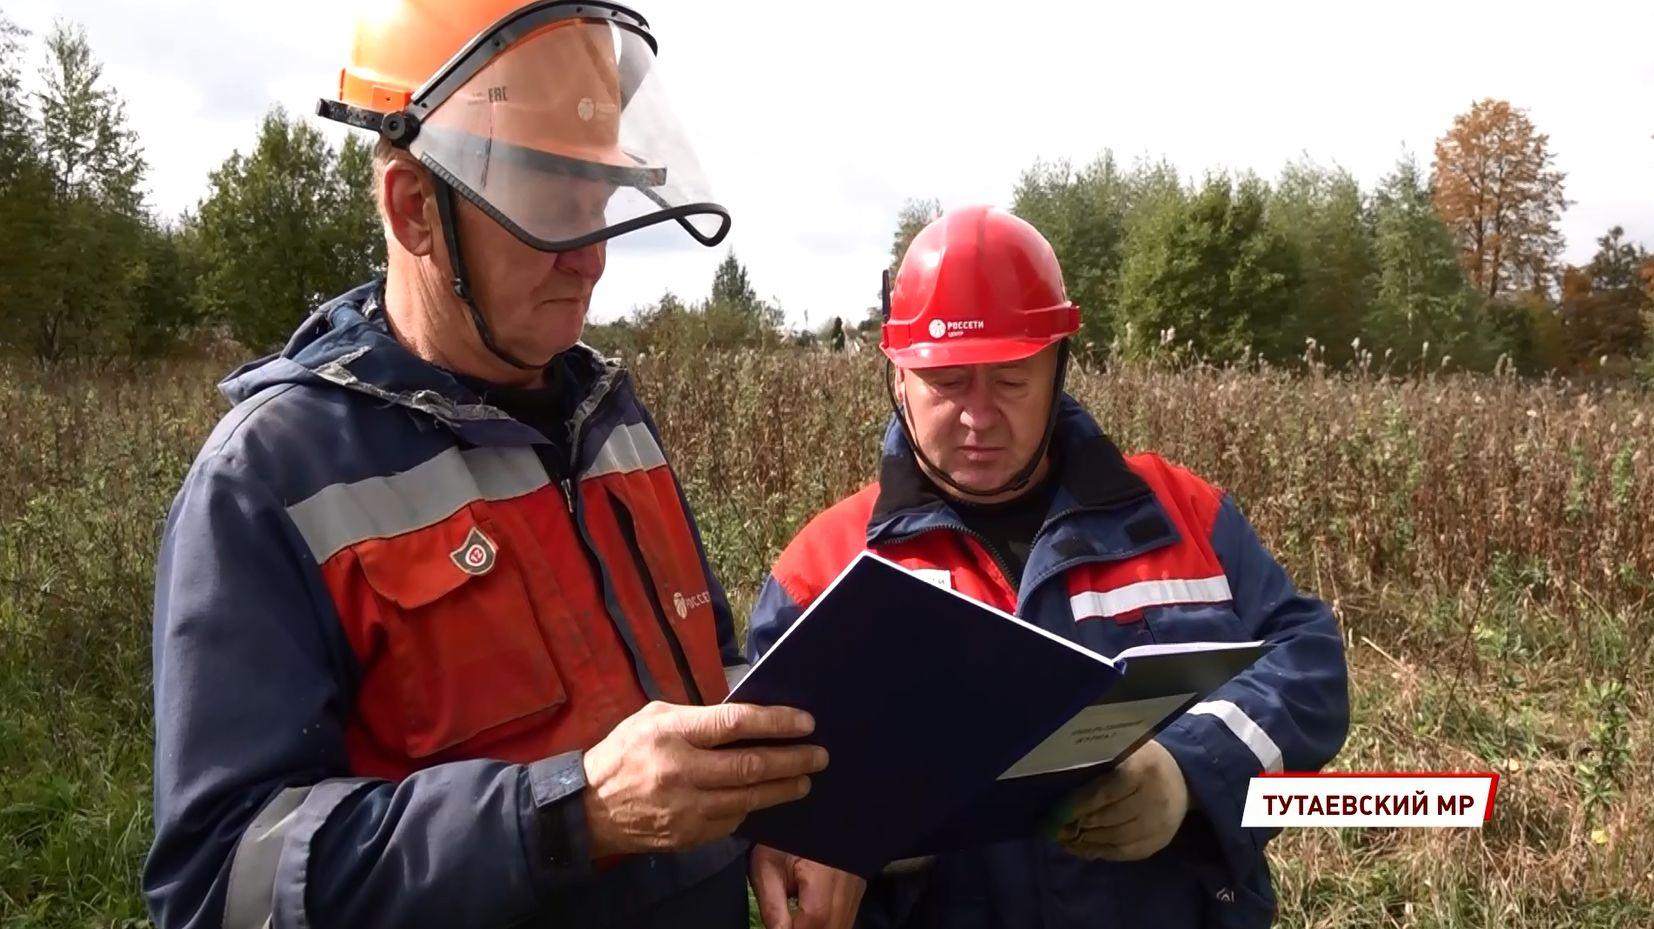 Надёжное и качественное электроснабжение станет ещё доступнее жителям малых населённых пунктов Ярославской области